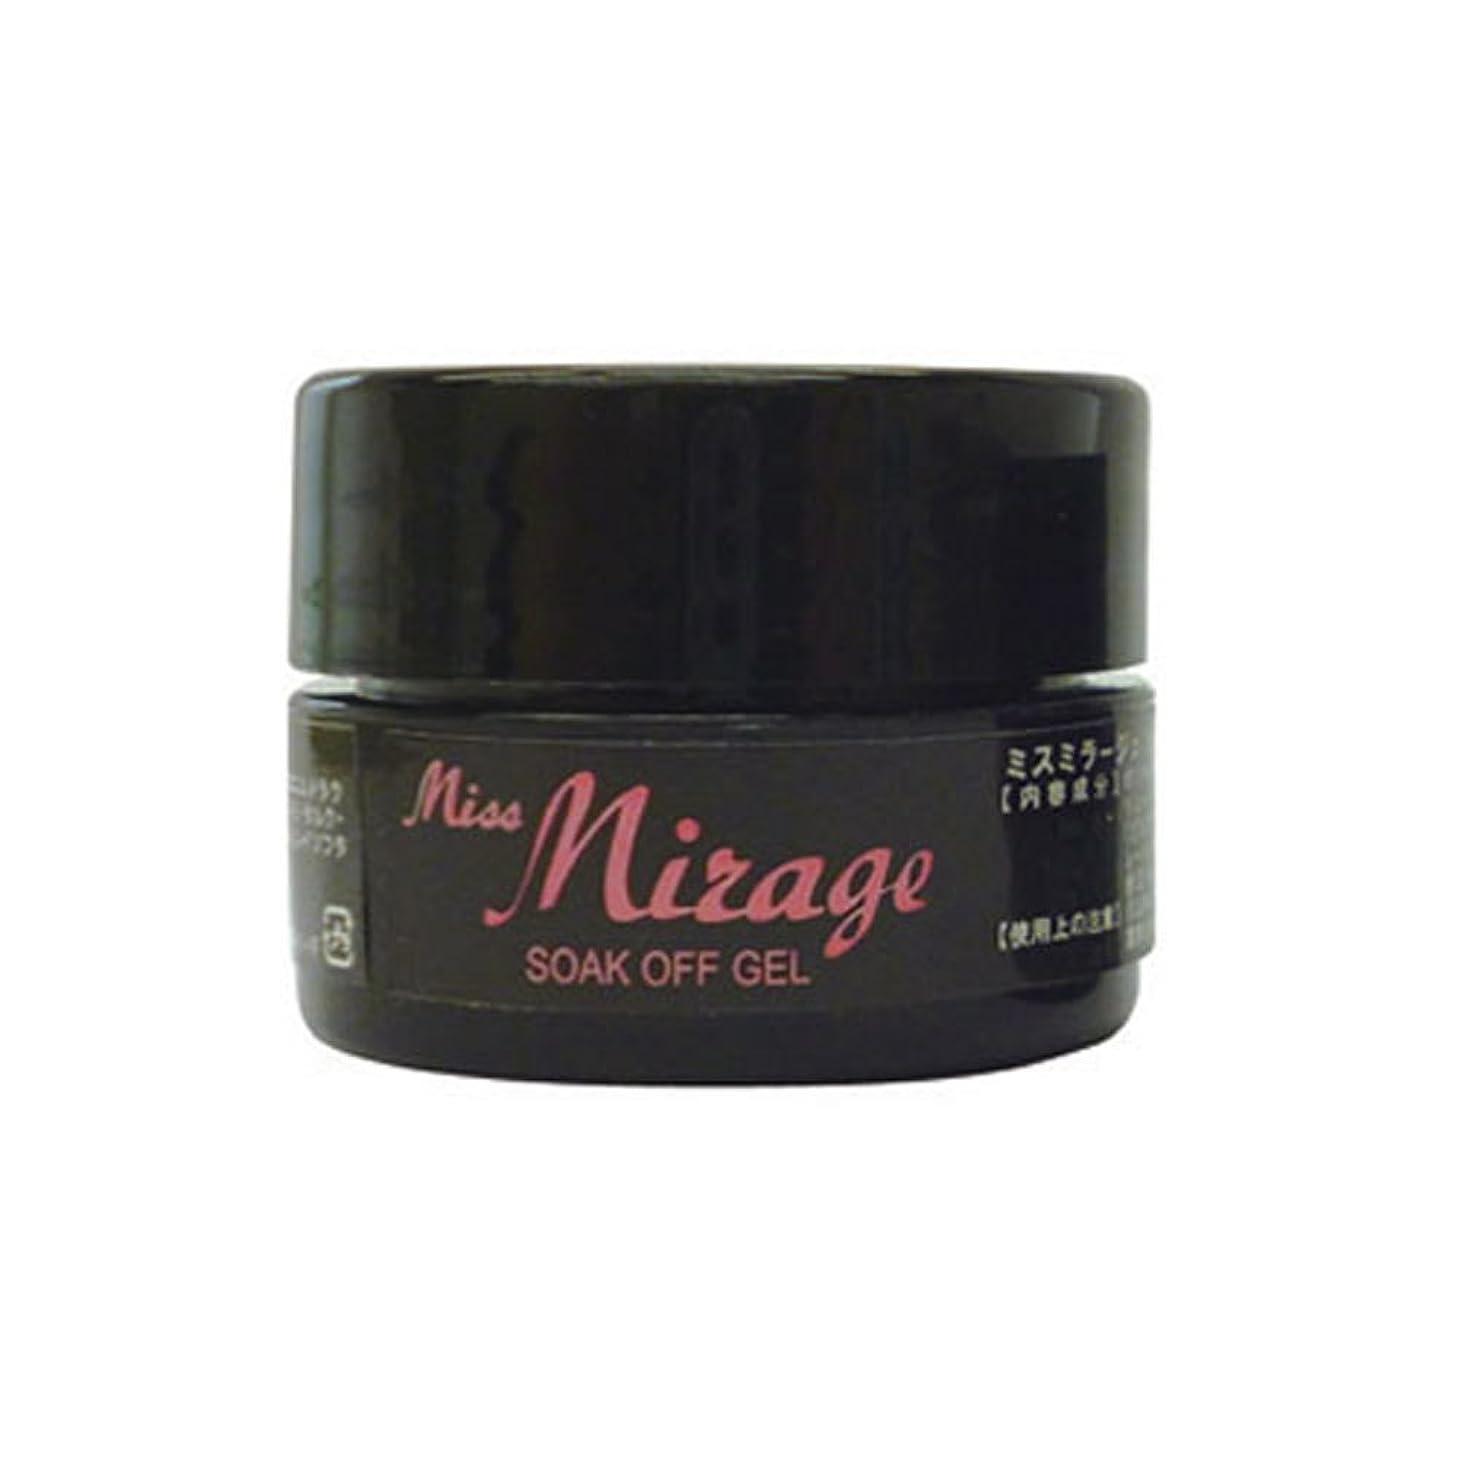 灰ストレッチ礼拝Miss Mirage カラージェル NM18S ダイヤモンドグレー 2.5g ソークオフジェル UV/LED対応